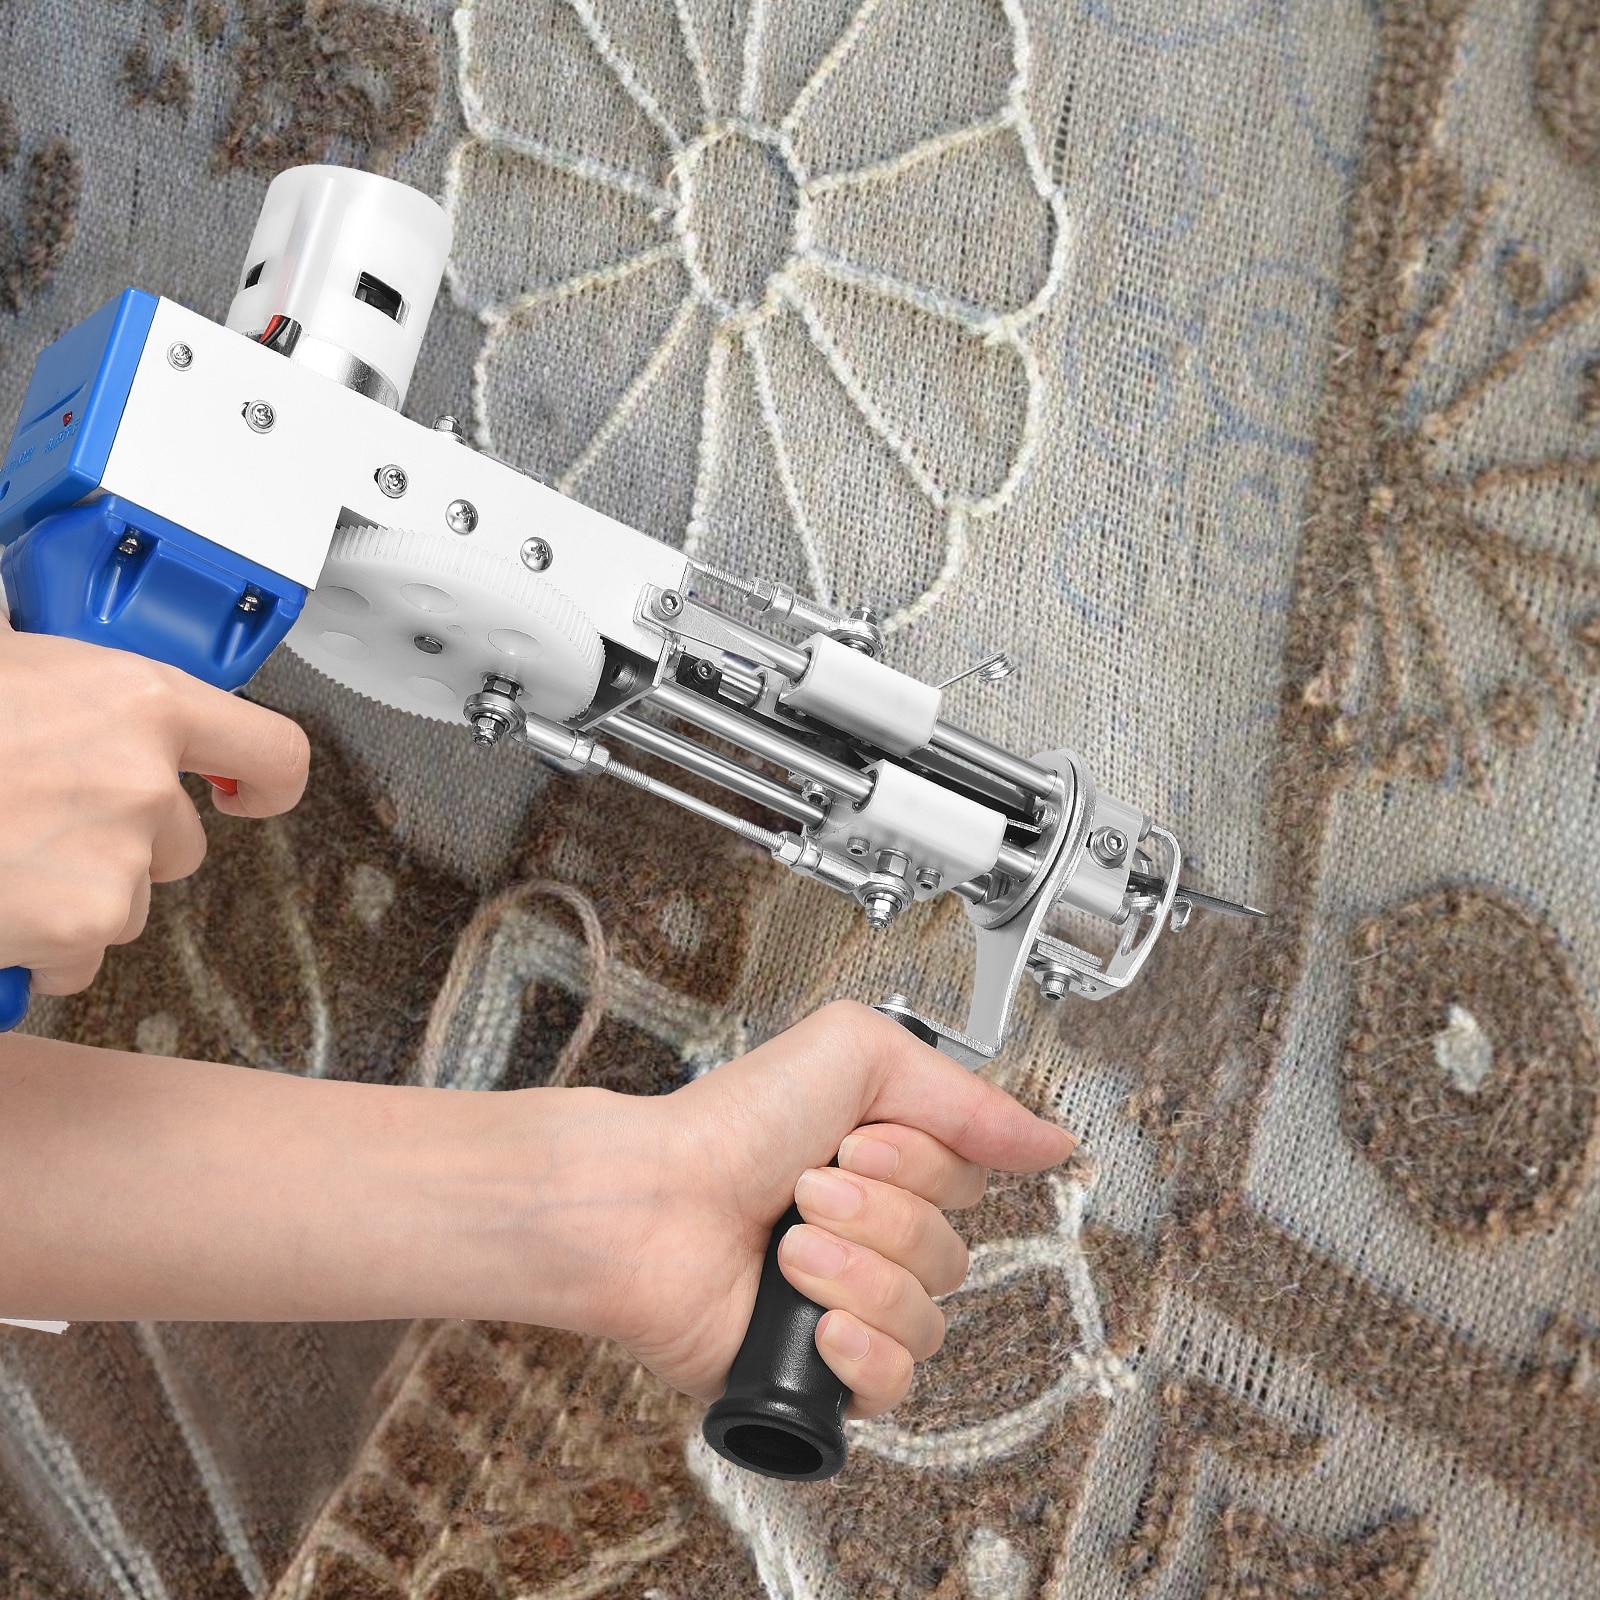 2 In 1 Tufting Gun Electric Cut Pile Loop Pile Carpet Weaving Knitting Machine Hand Gun Carpet Weaving Flocking  Rug Machines enlarge